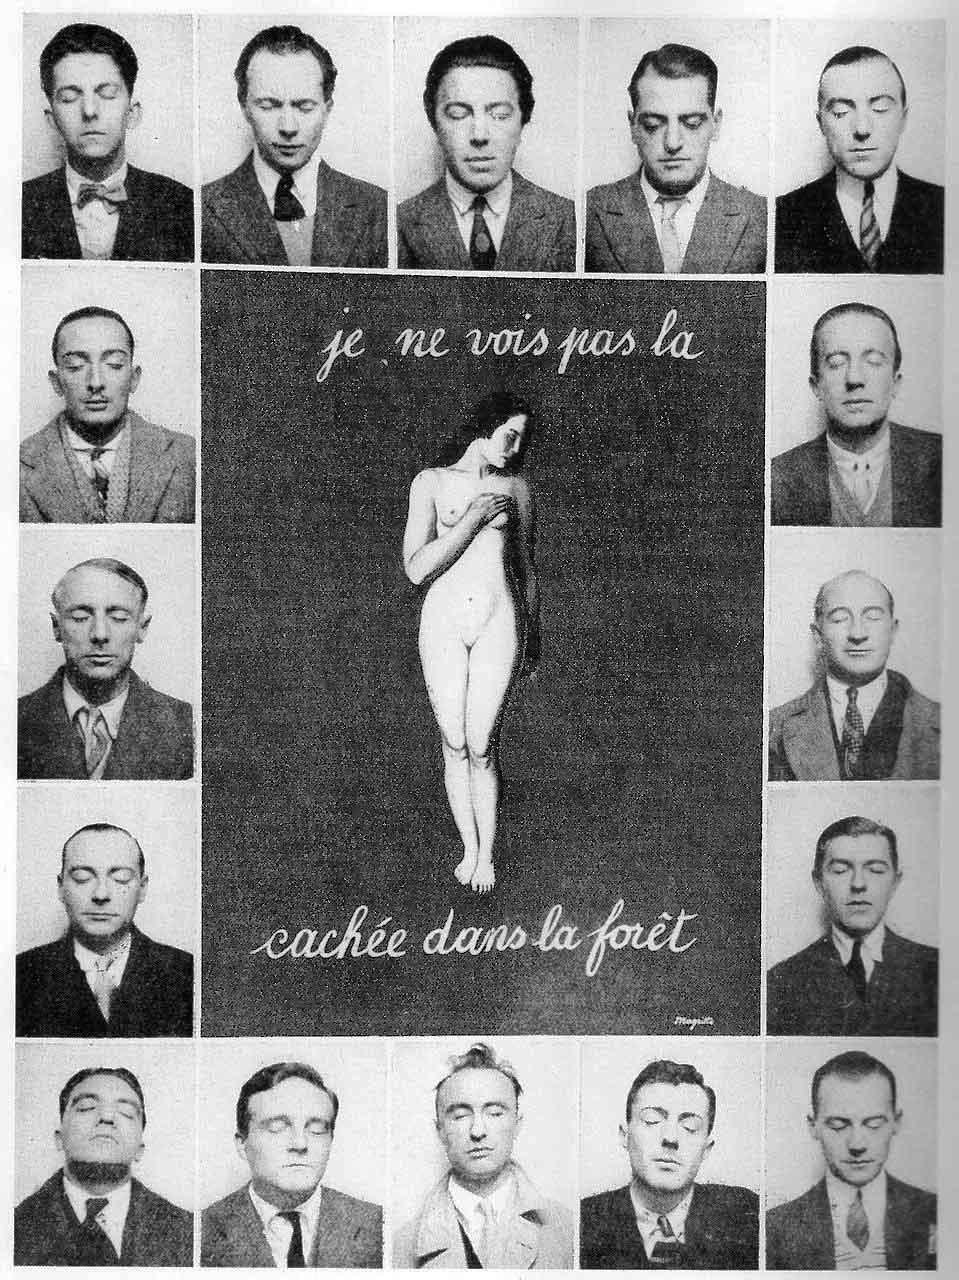 je ne vois pas La Femme Cachée dans la foret. 1929